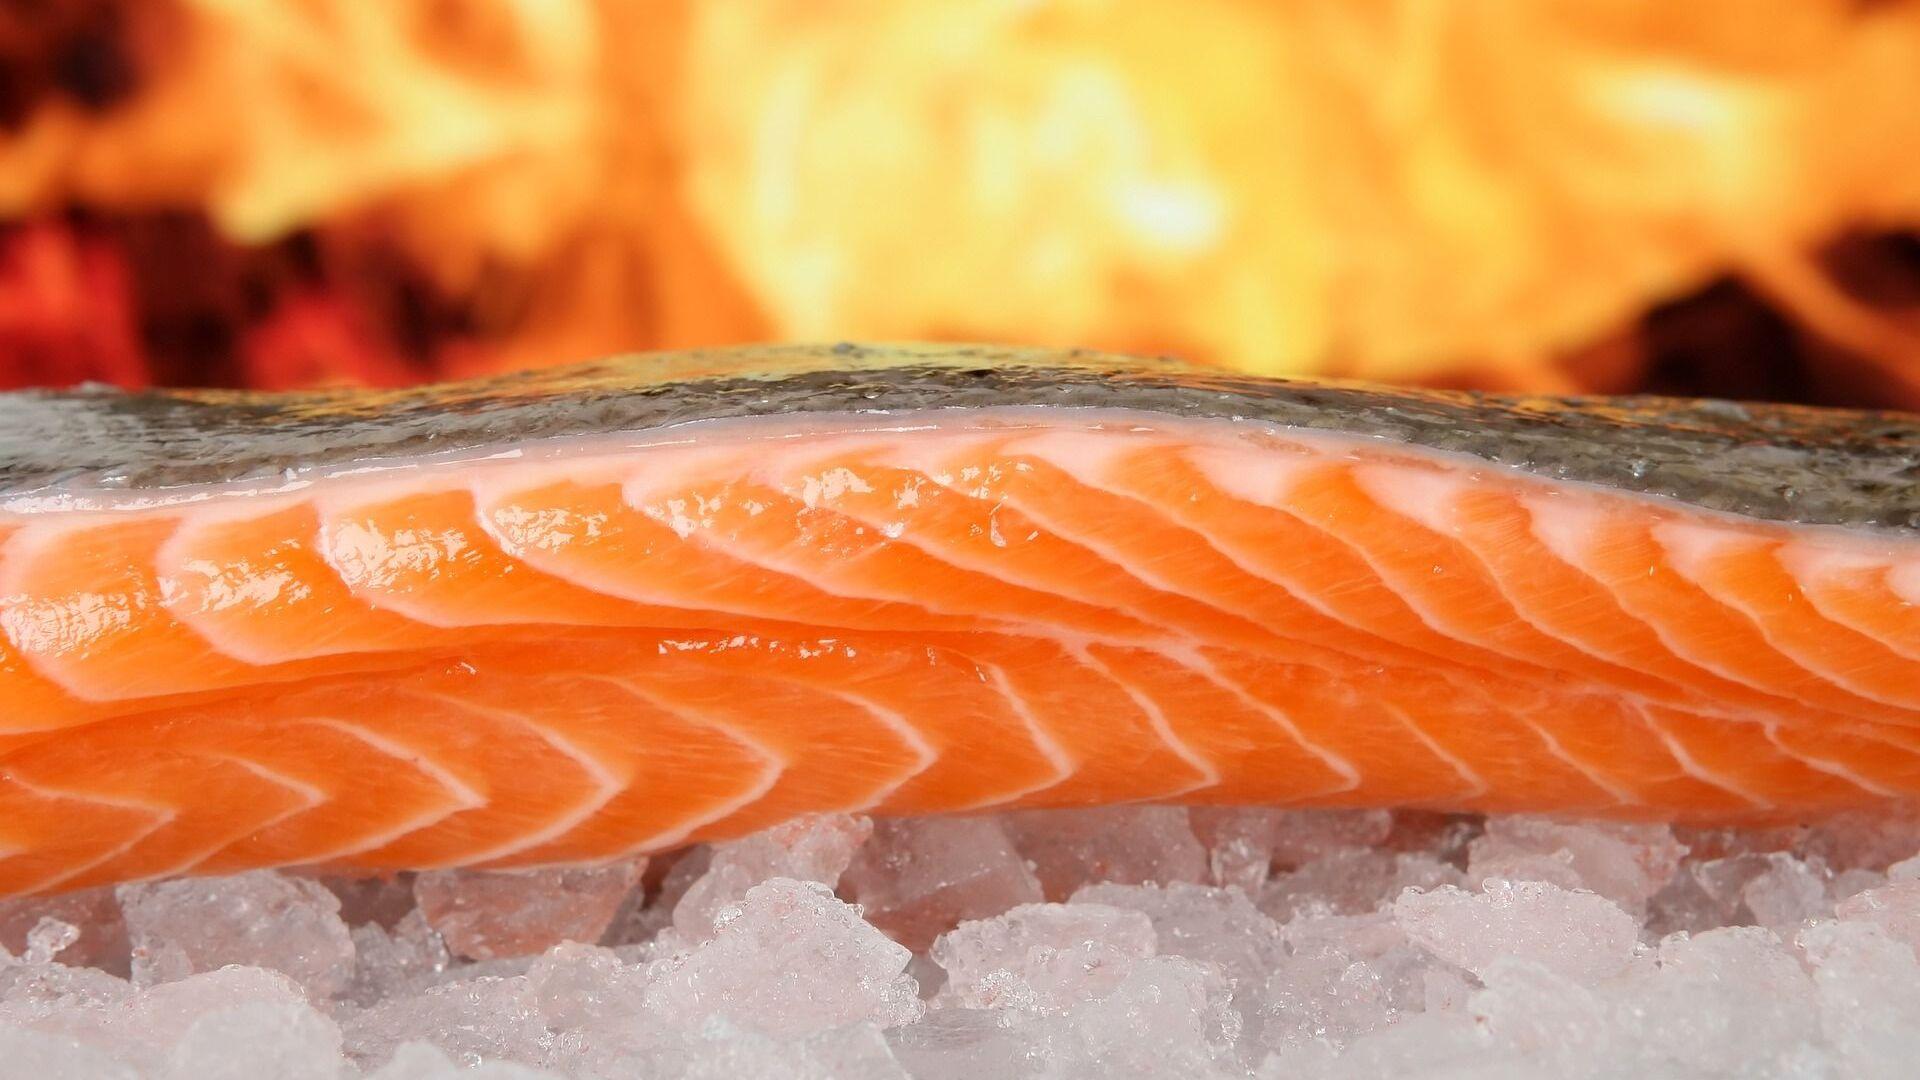 Un salmón utilizado para la gastronomía - Sputnik Mundo, 1920, 05.09.2019